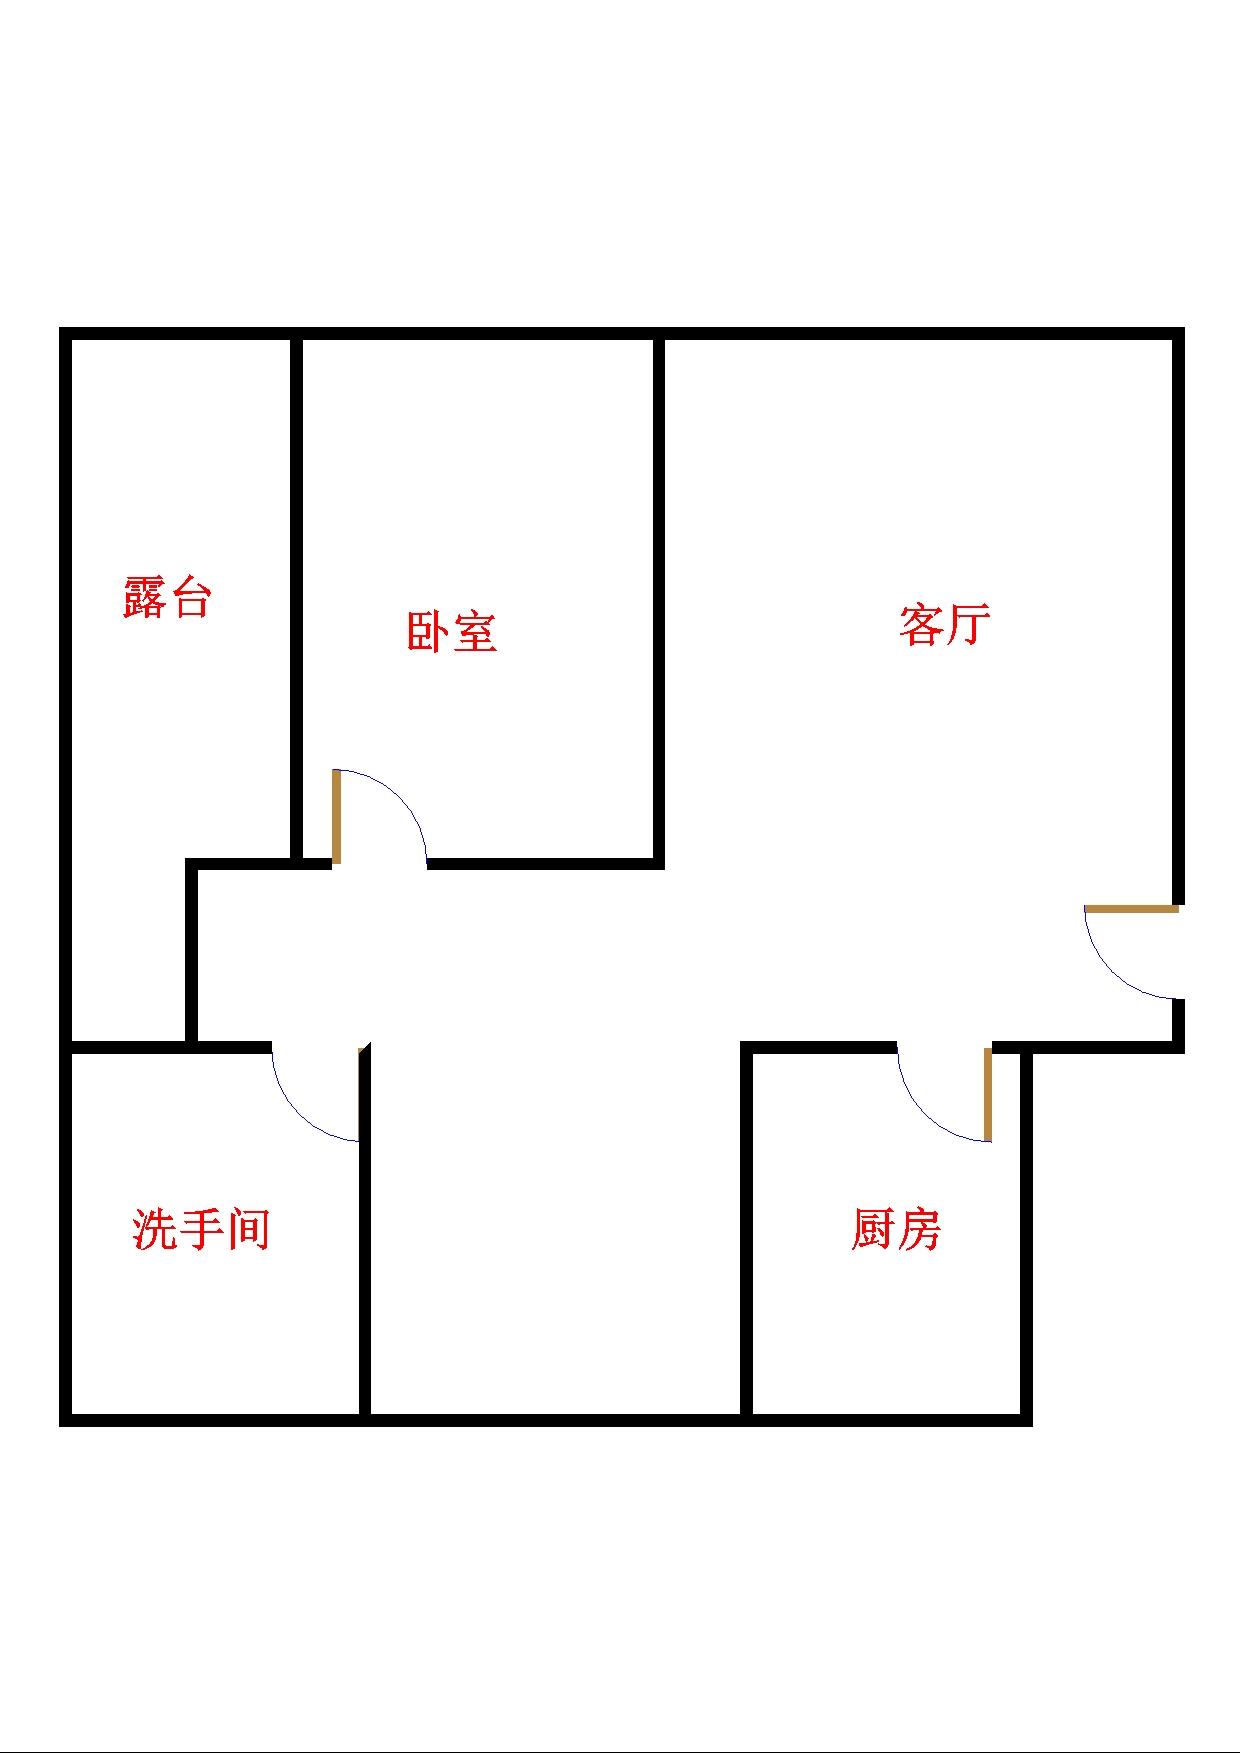 气象局宿舍 2室1厅  简装 38万